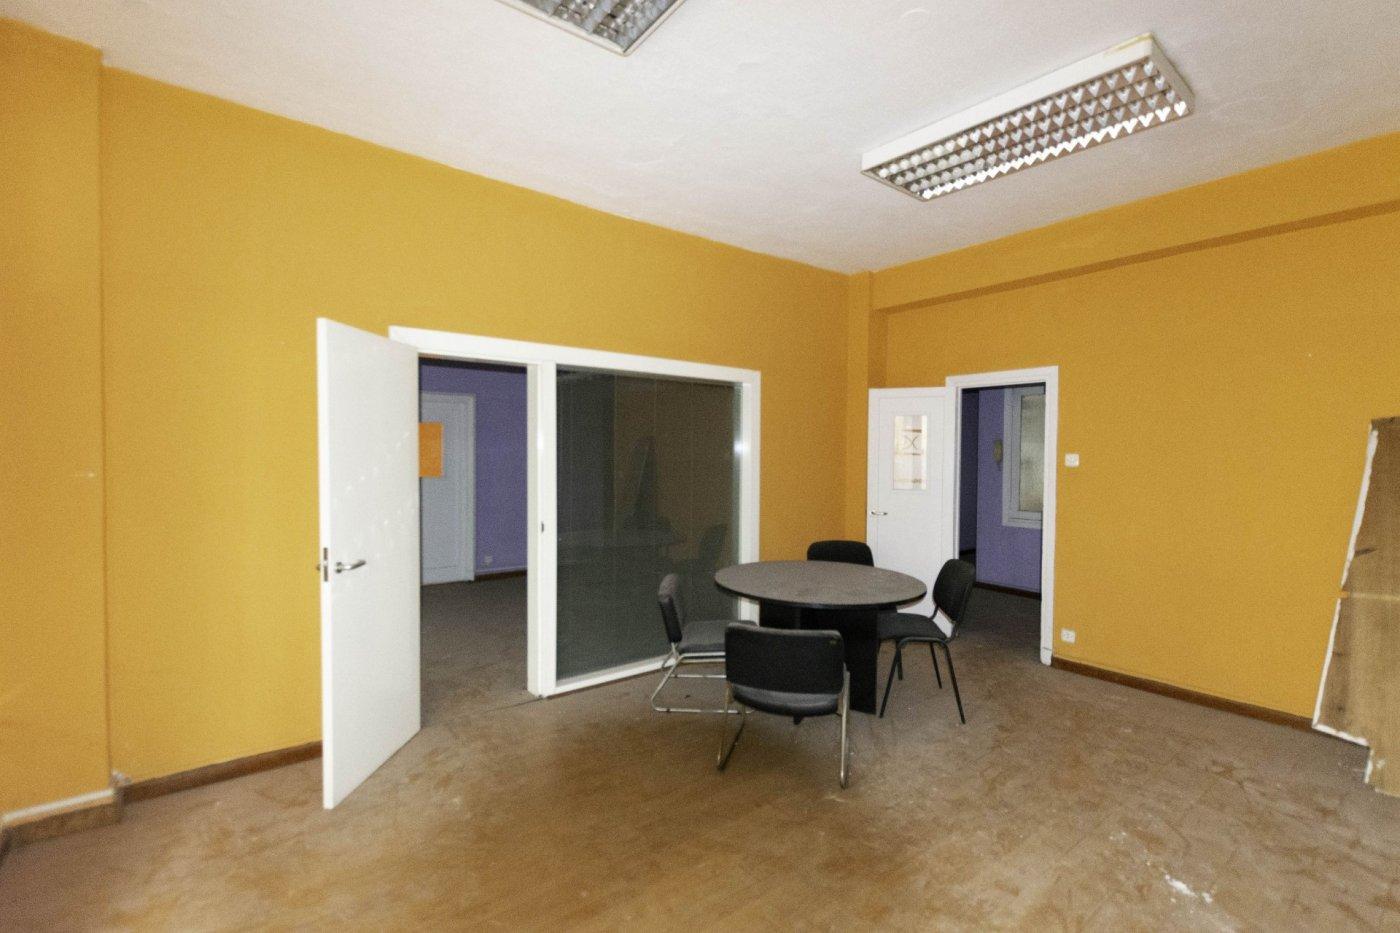 Oficinas en el centro de oviedo. - imagenInmueble3